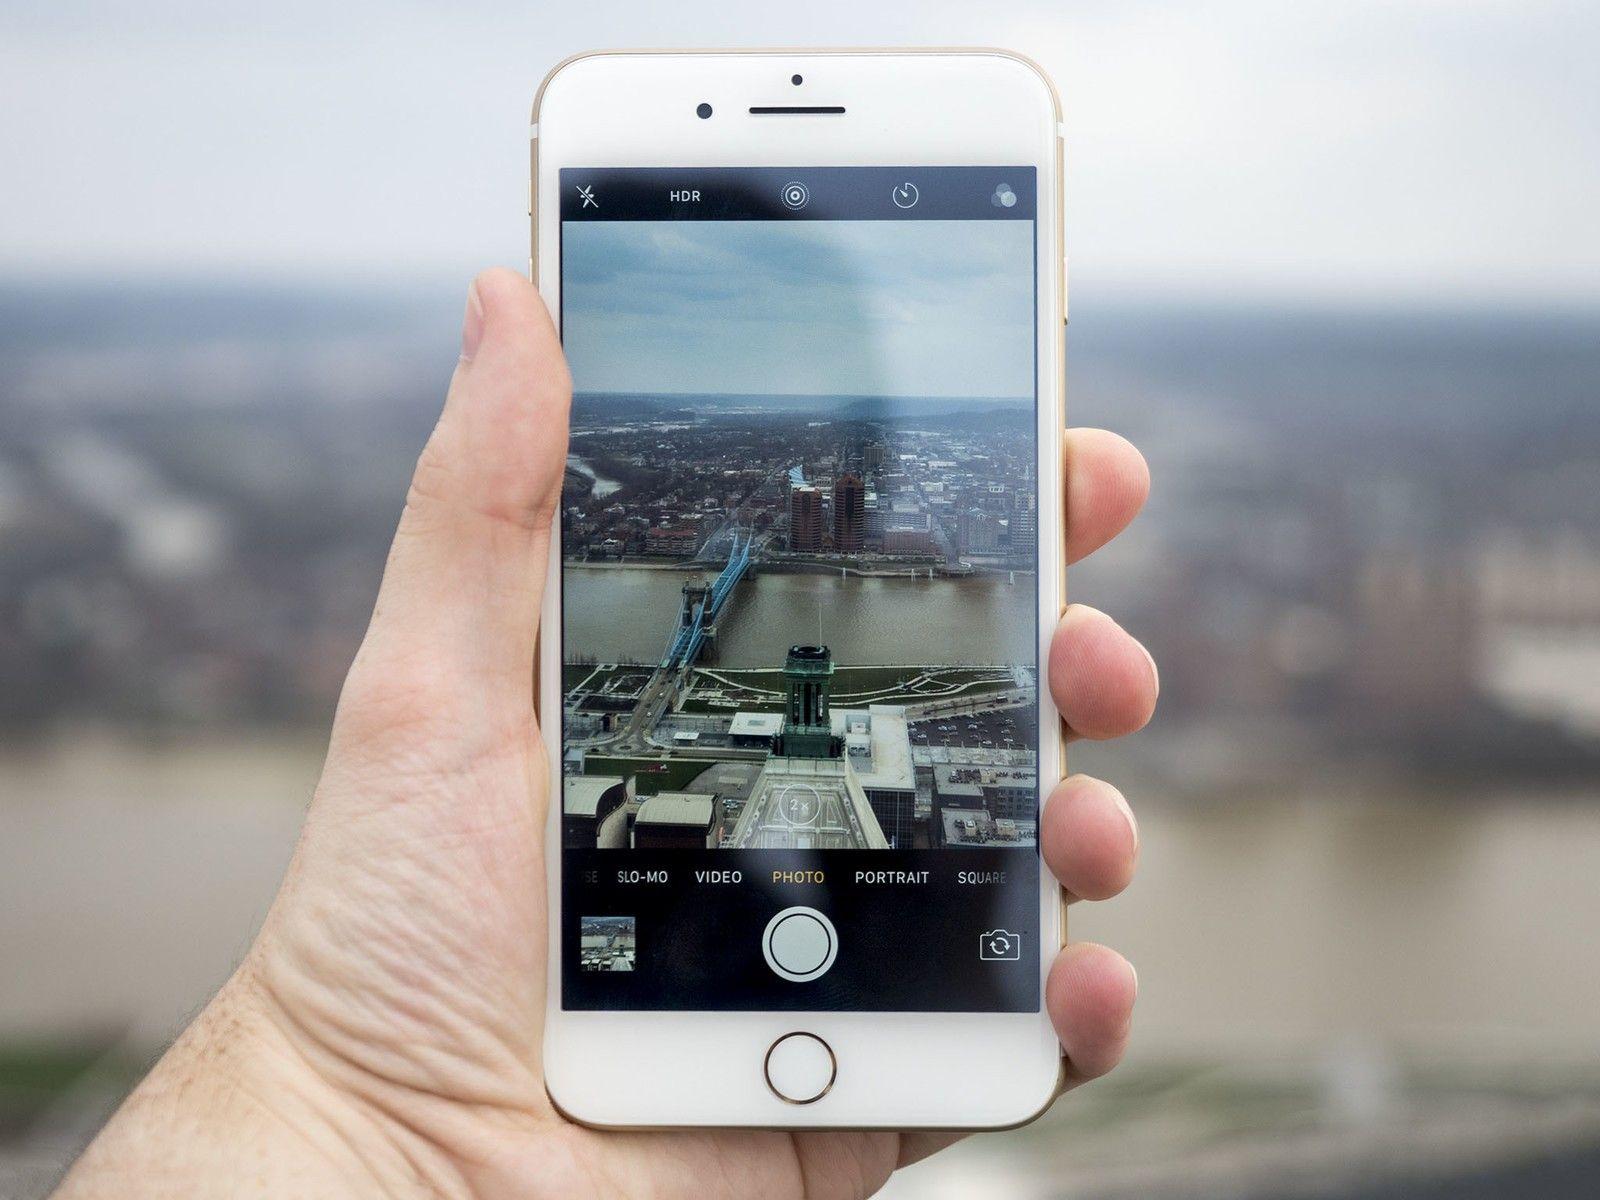 экстравагантный образ приложение для айфона широкоугольные фото фото